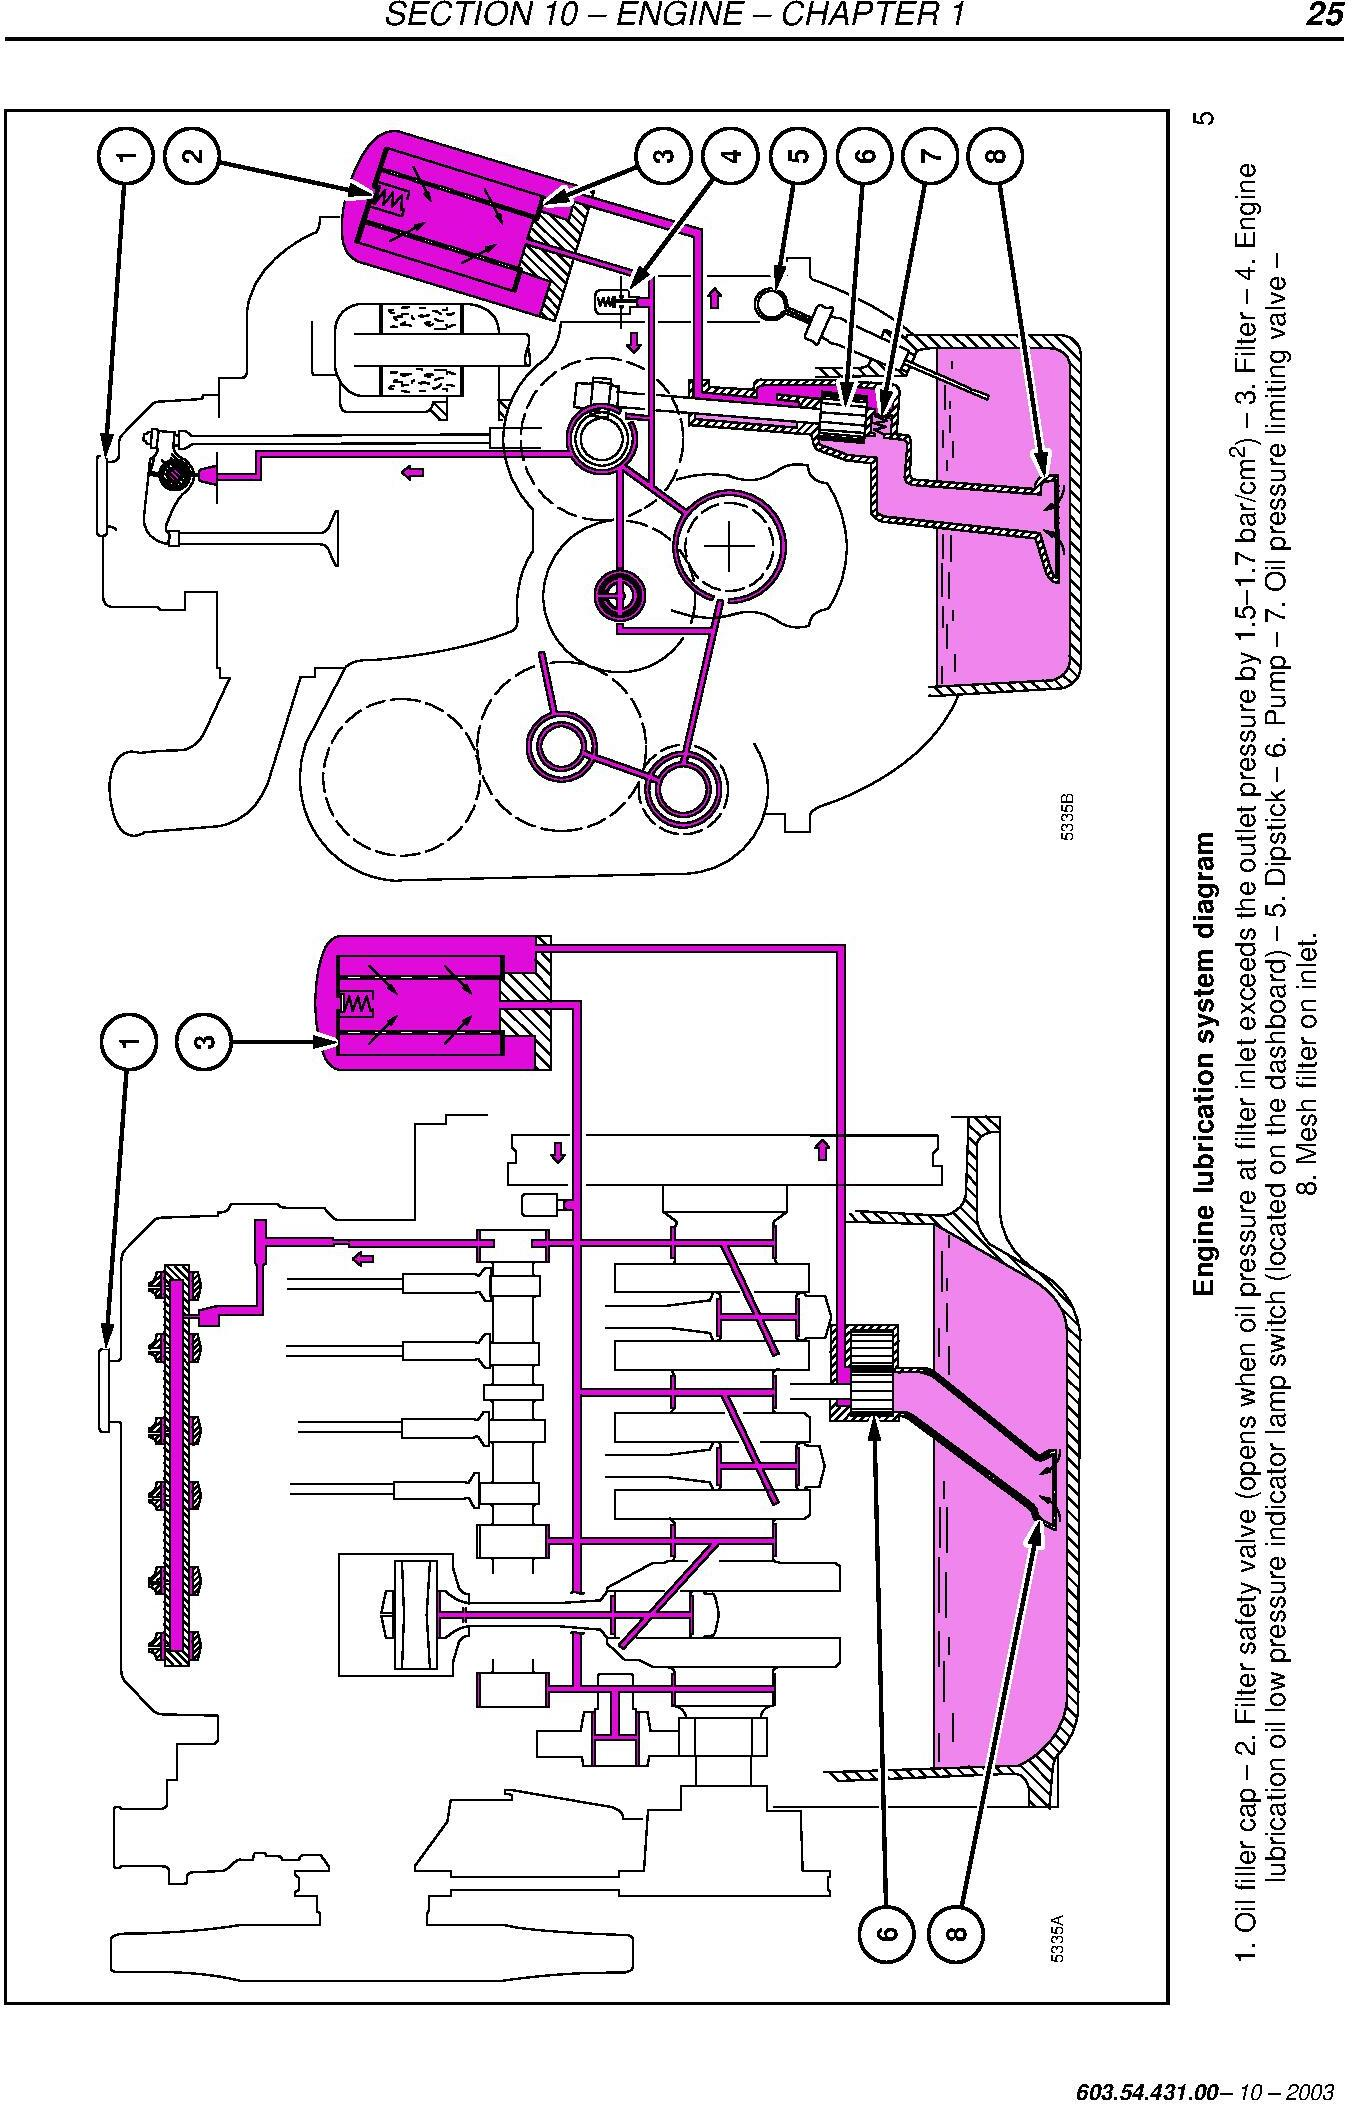 New Holland TN60DA, TN70DA, TN75DA, TN60SA, TN70SA, TN75SA Tractors Service Manual - 1